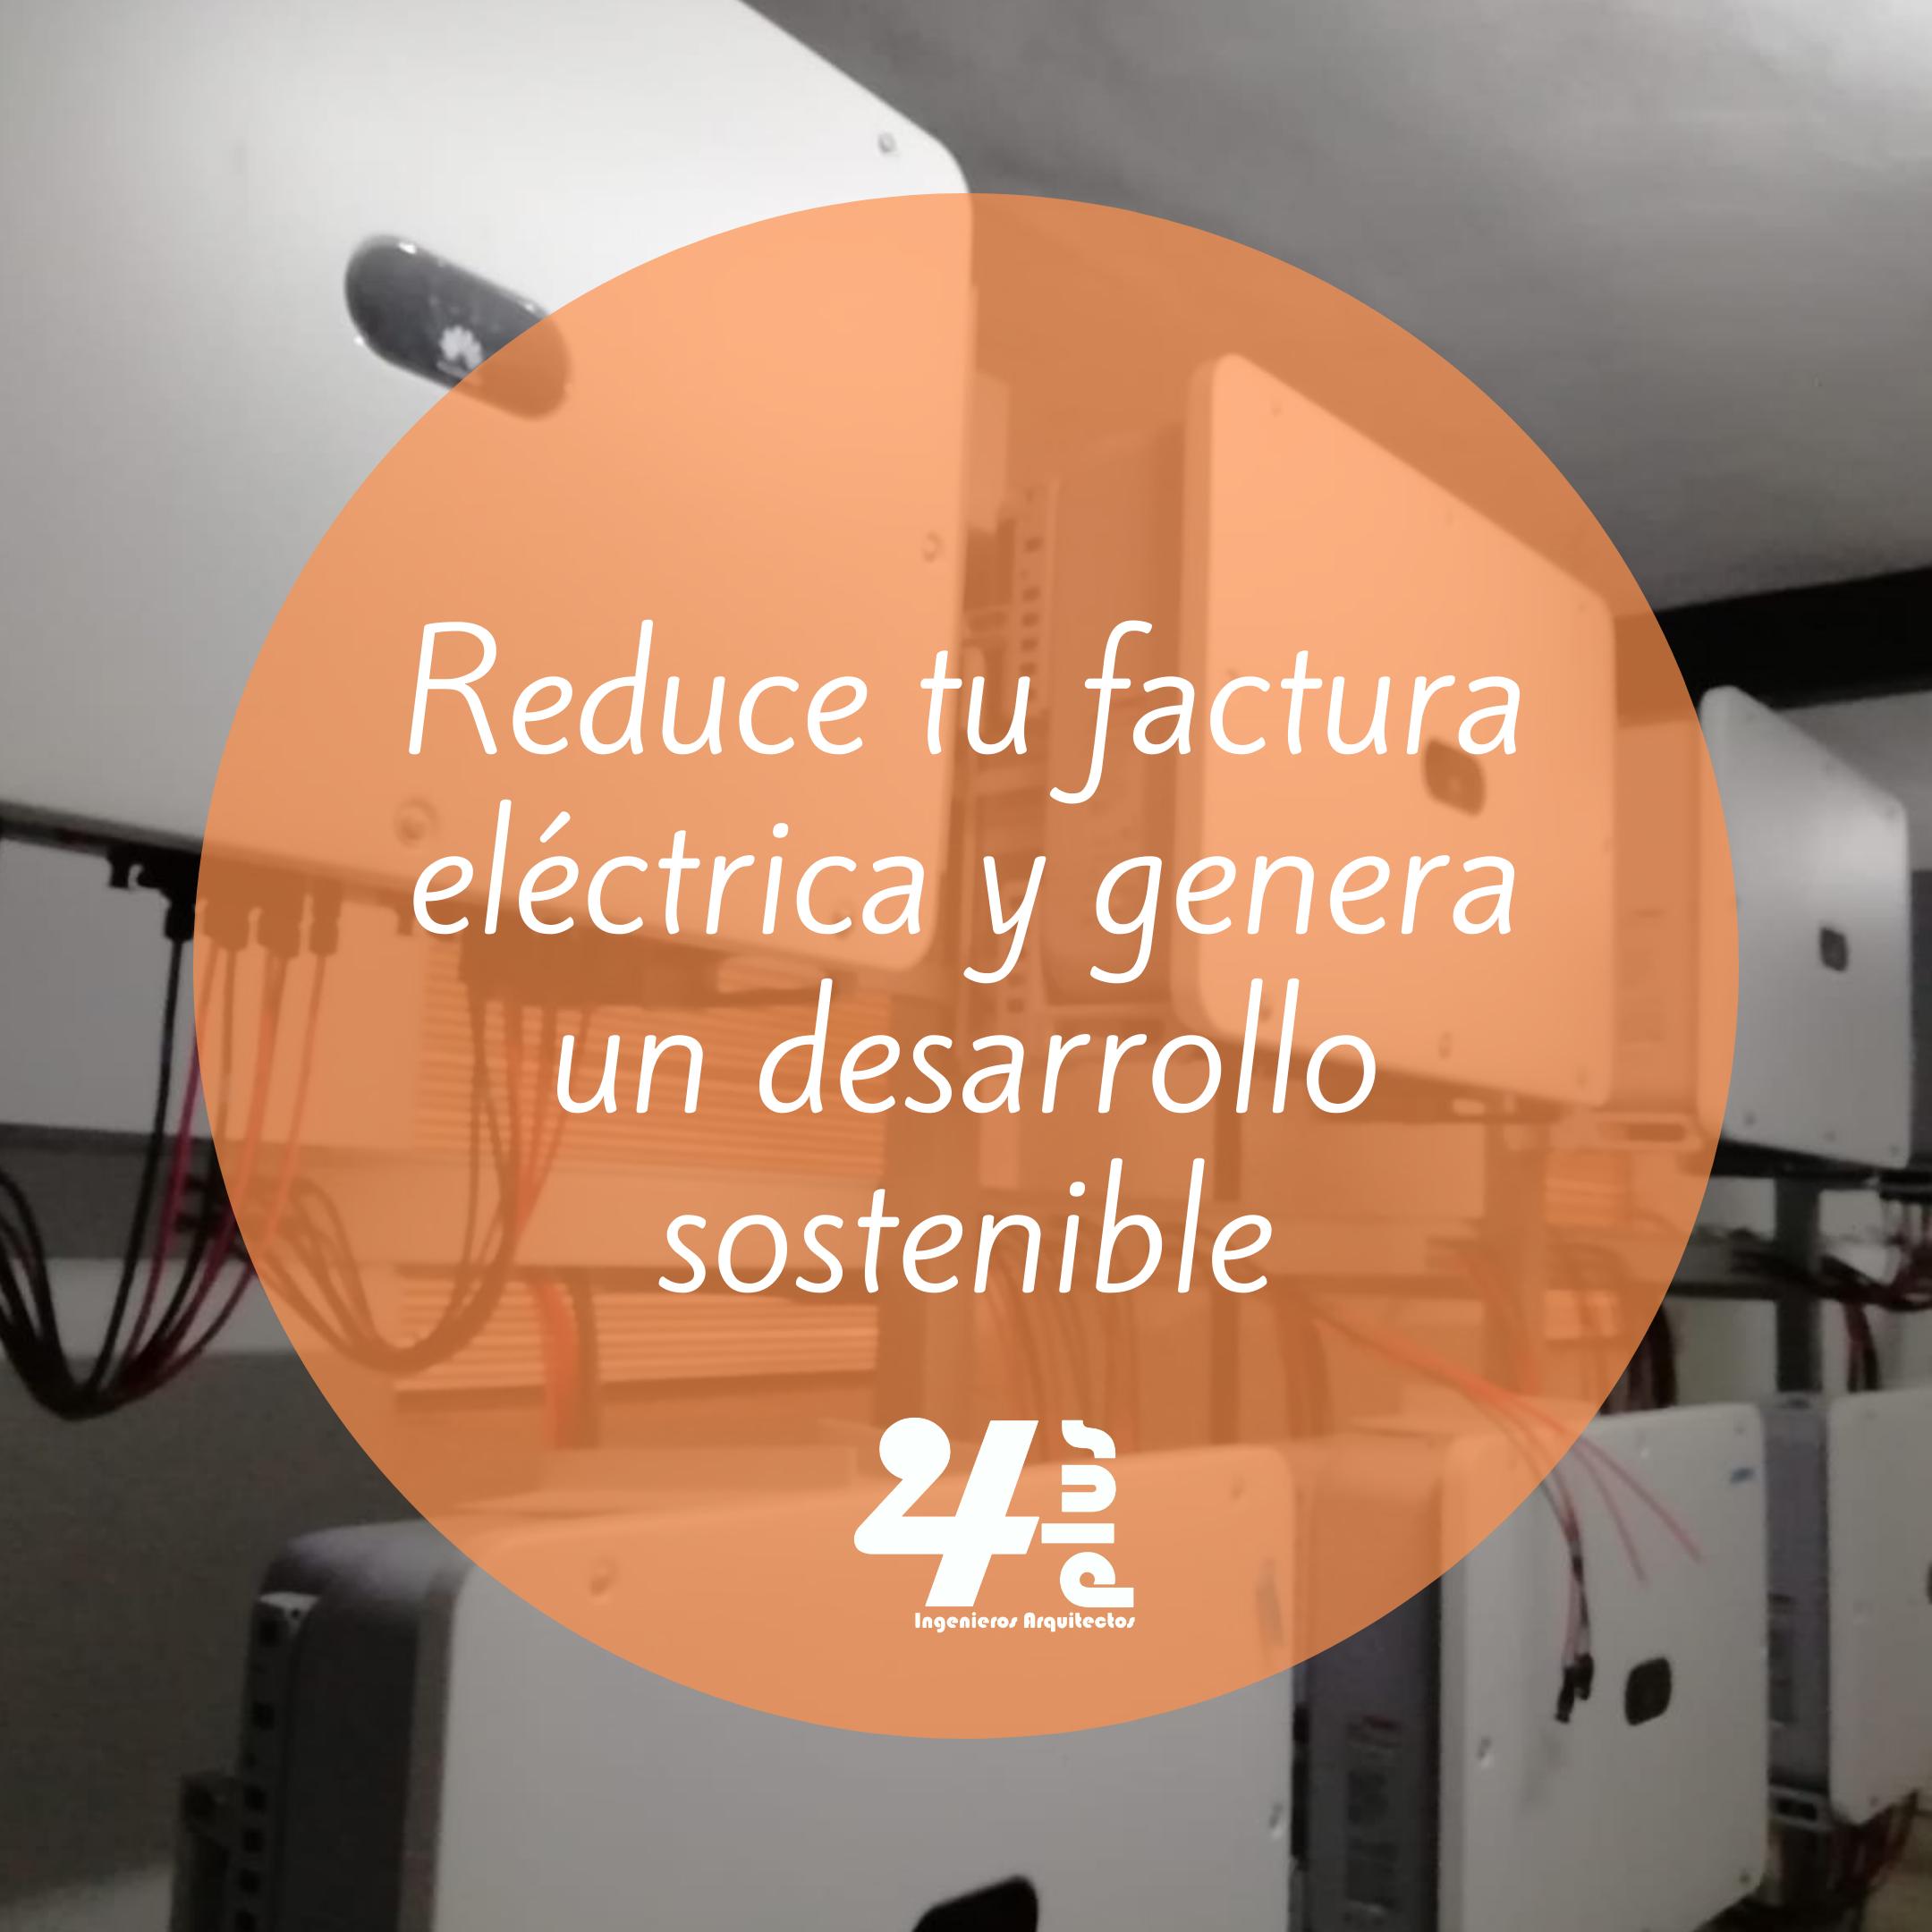 Reduce tu factura electrica